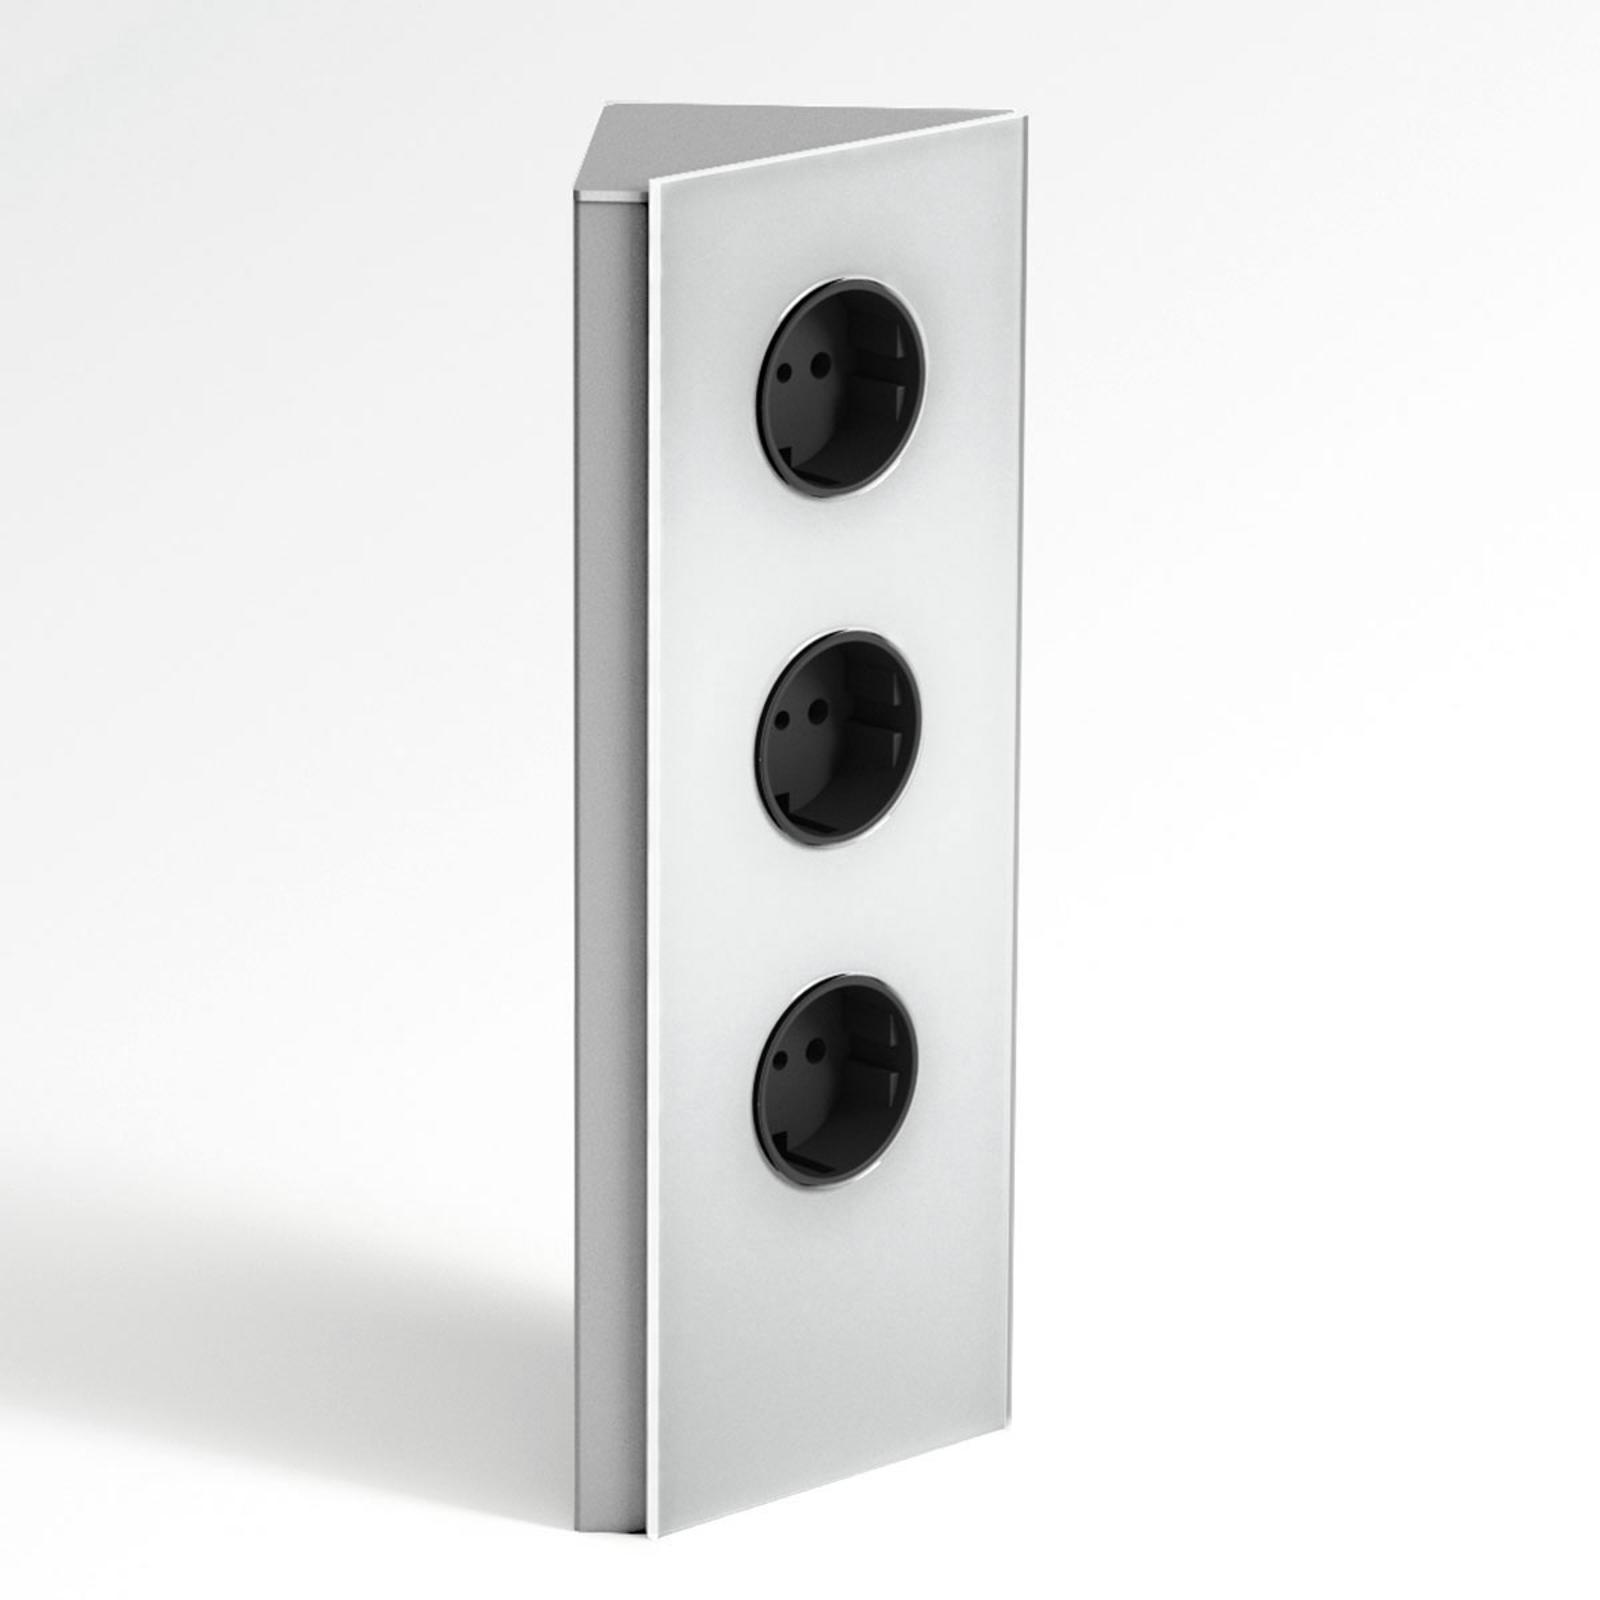 Edelstahl-Steckdosenleiste Power, 3er, Dreieck